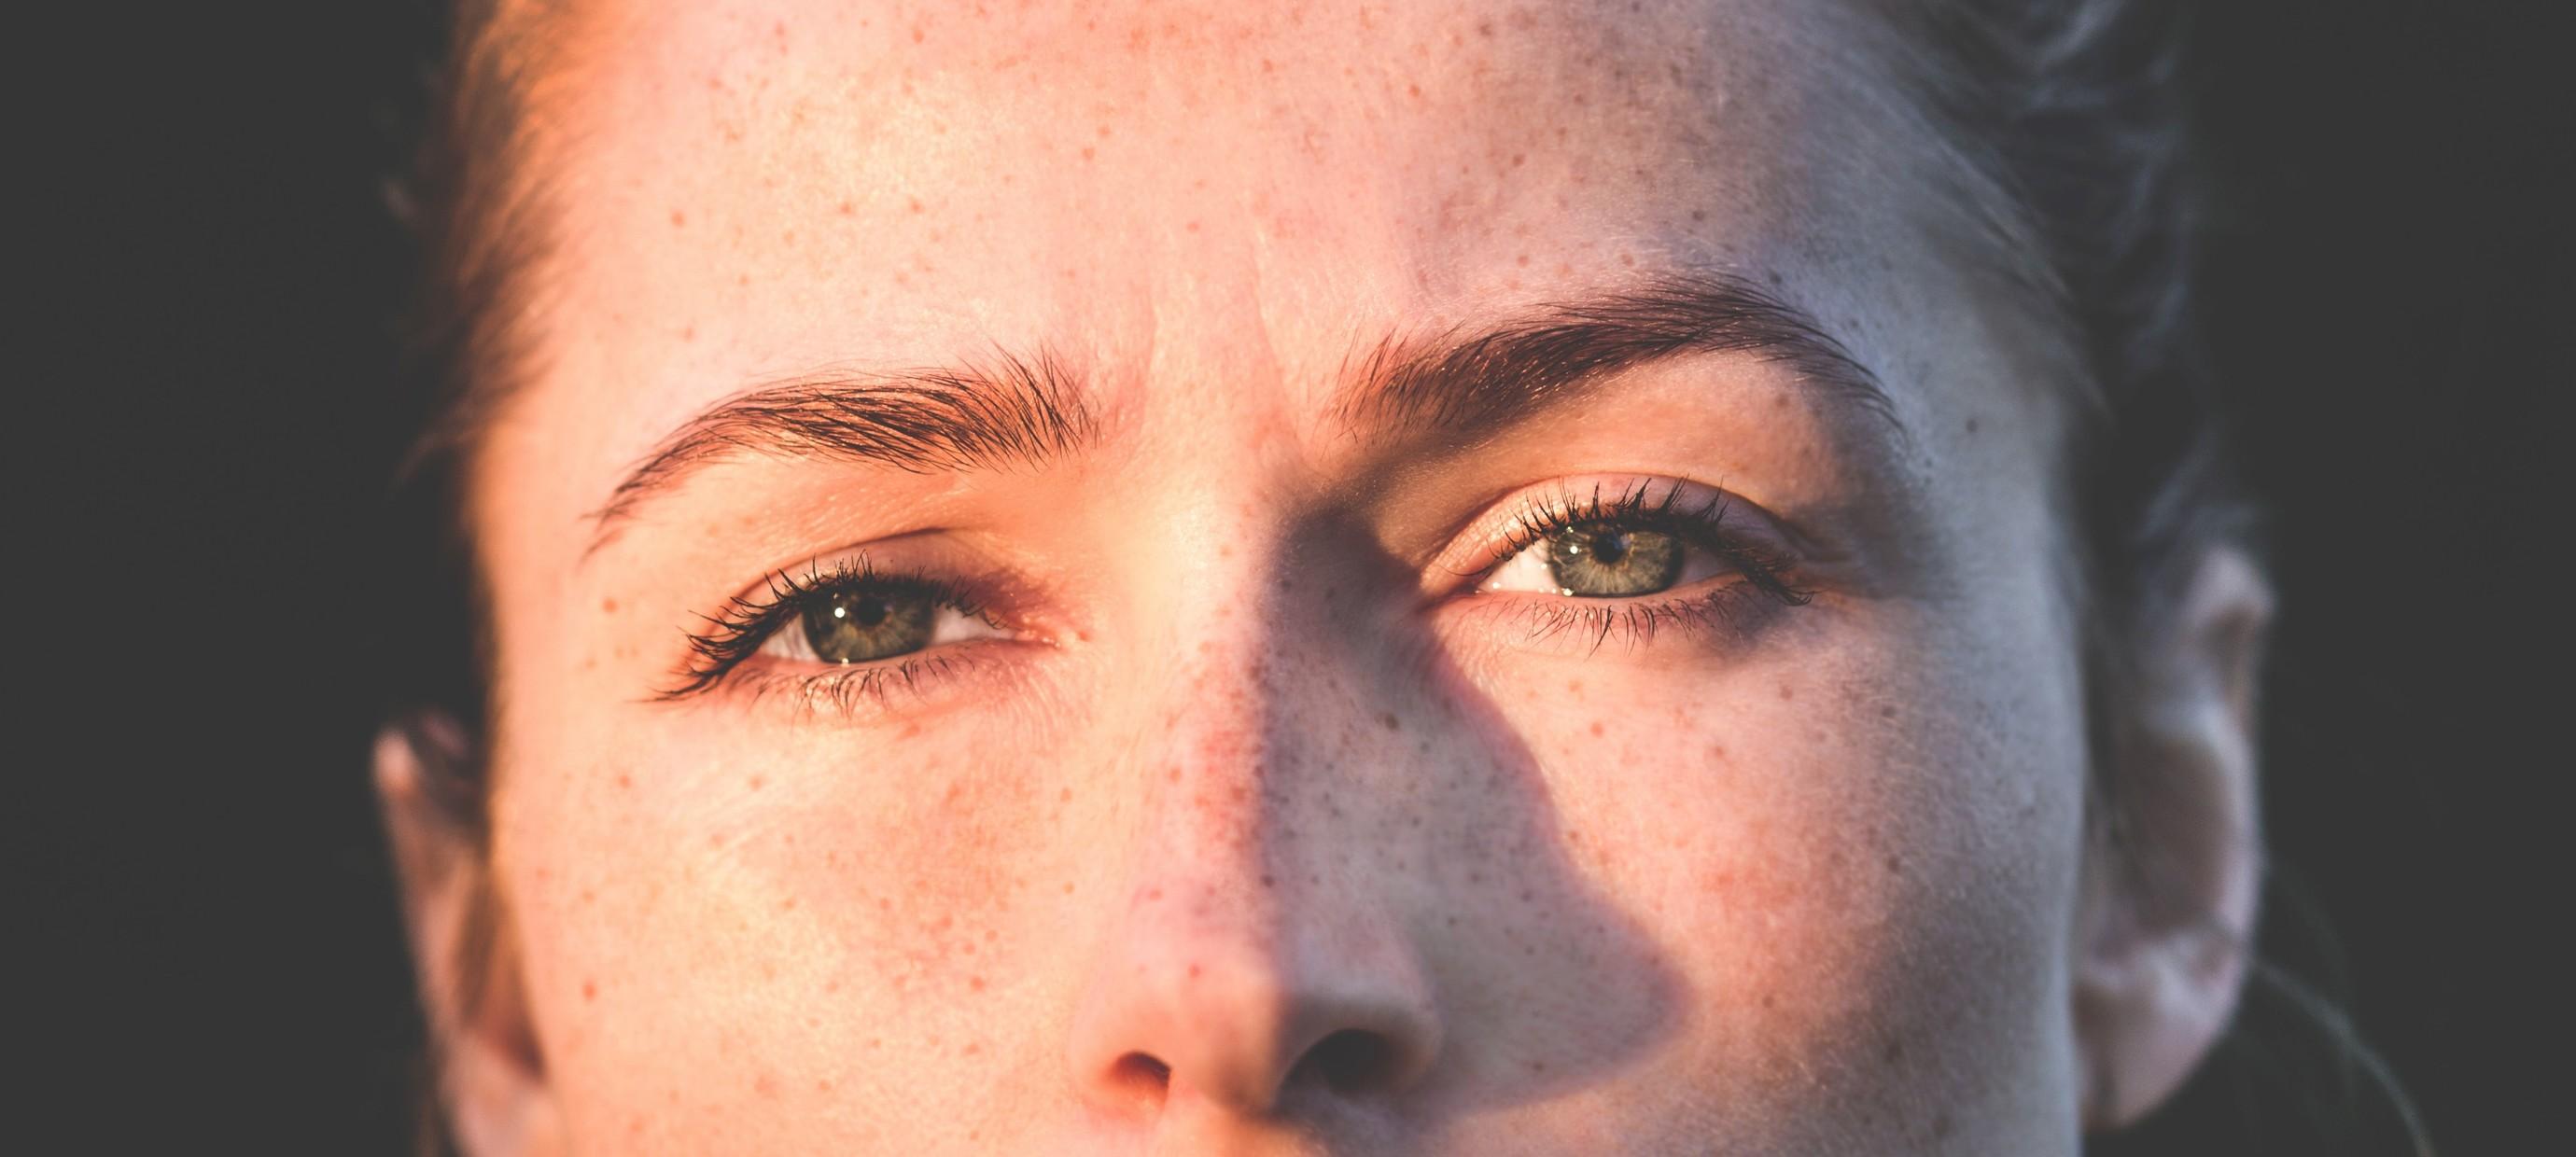 5 natural remedies for dark circles